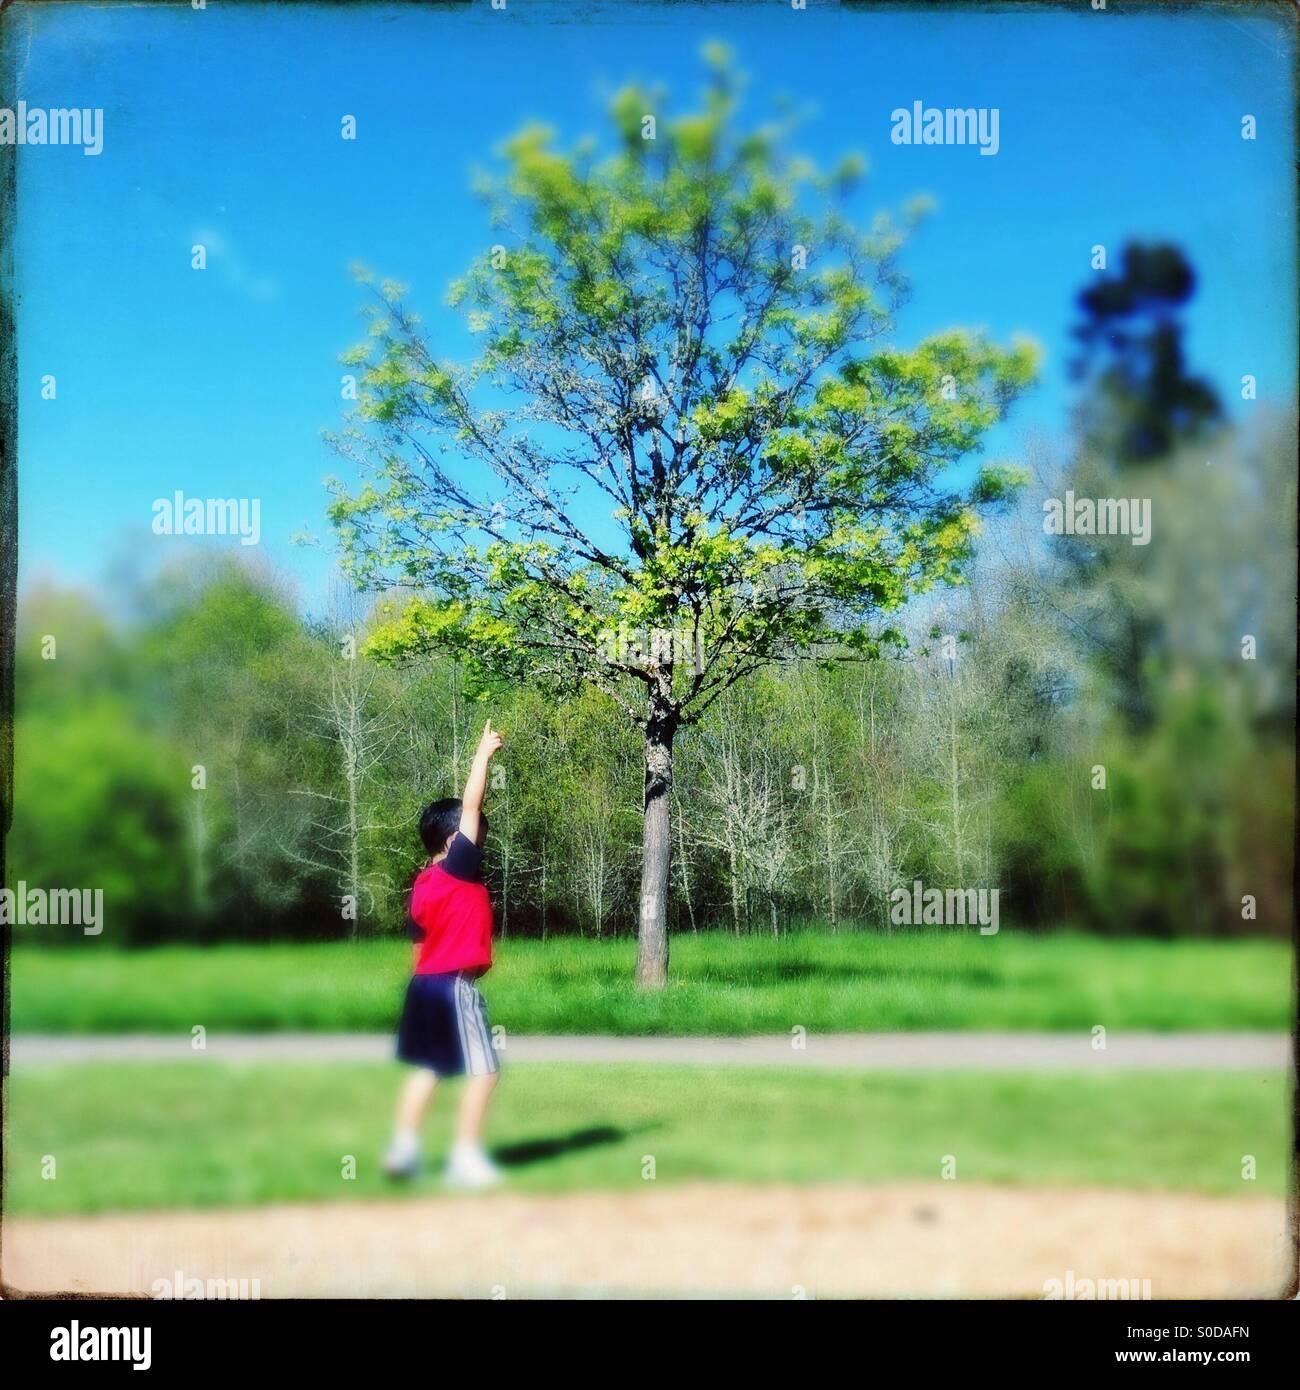 Ragazzo giovane rivolta verso l'alto a tree in una giornata di sole. Immagini Stock